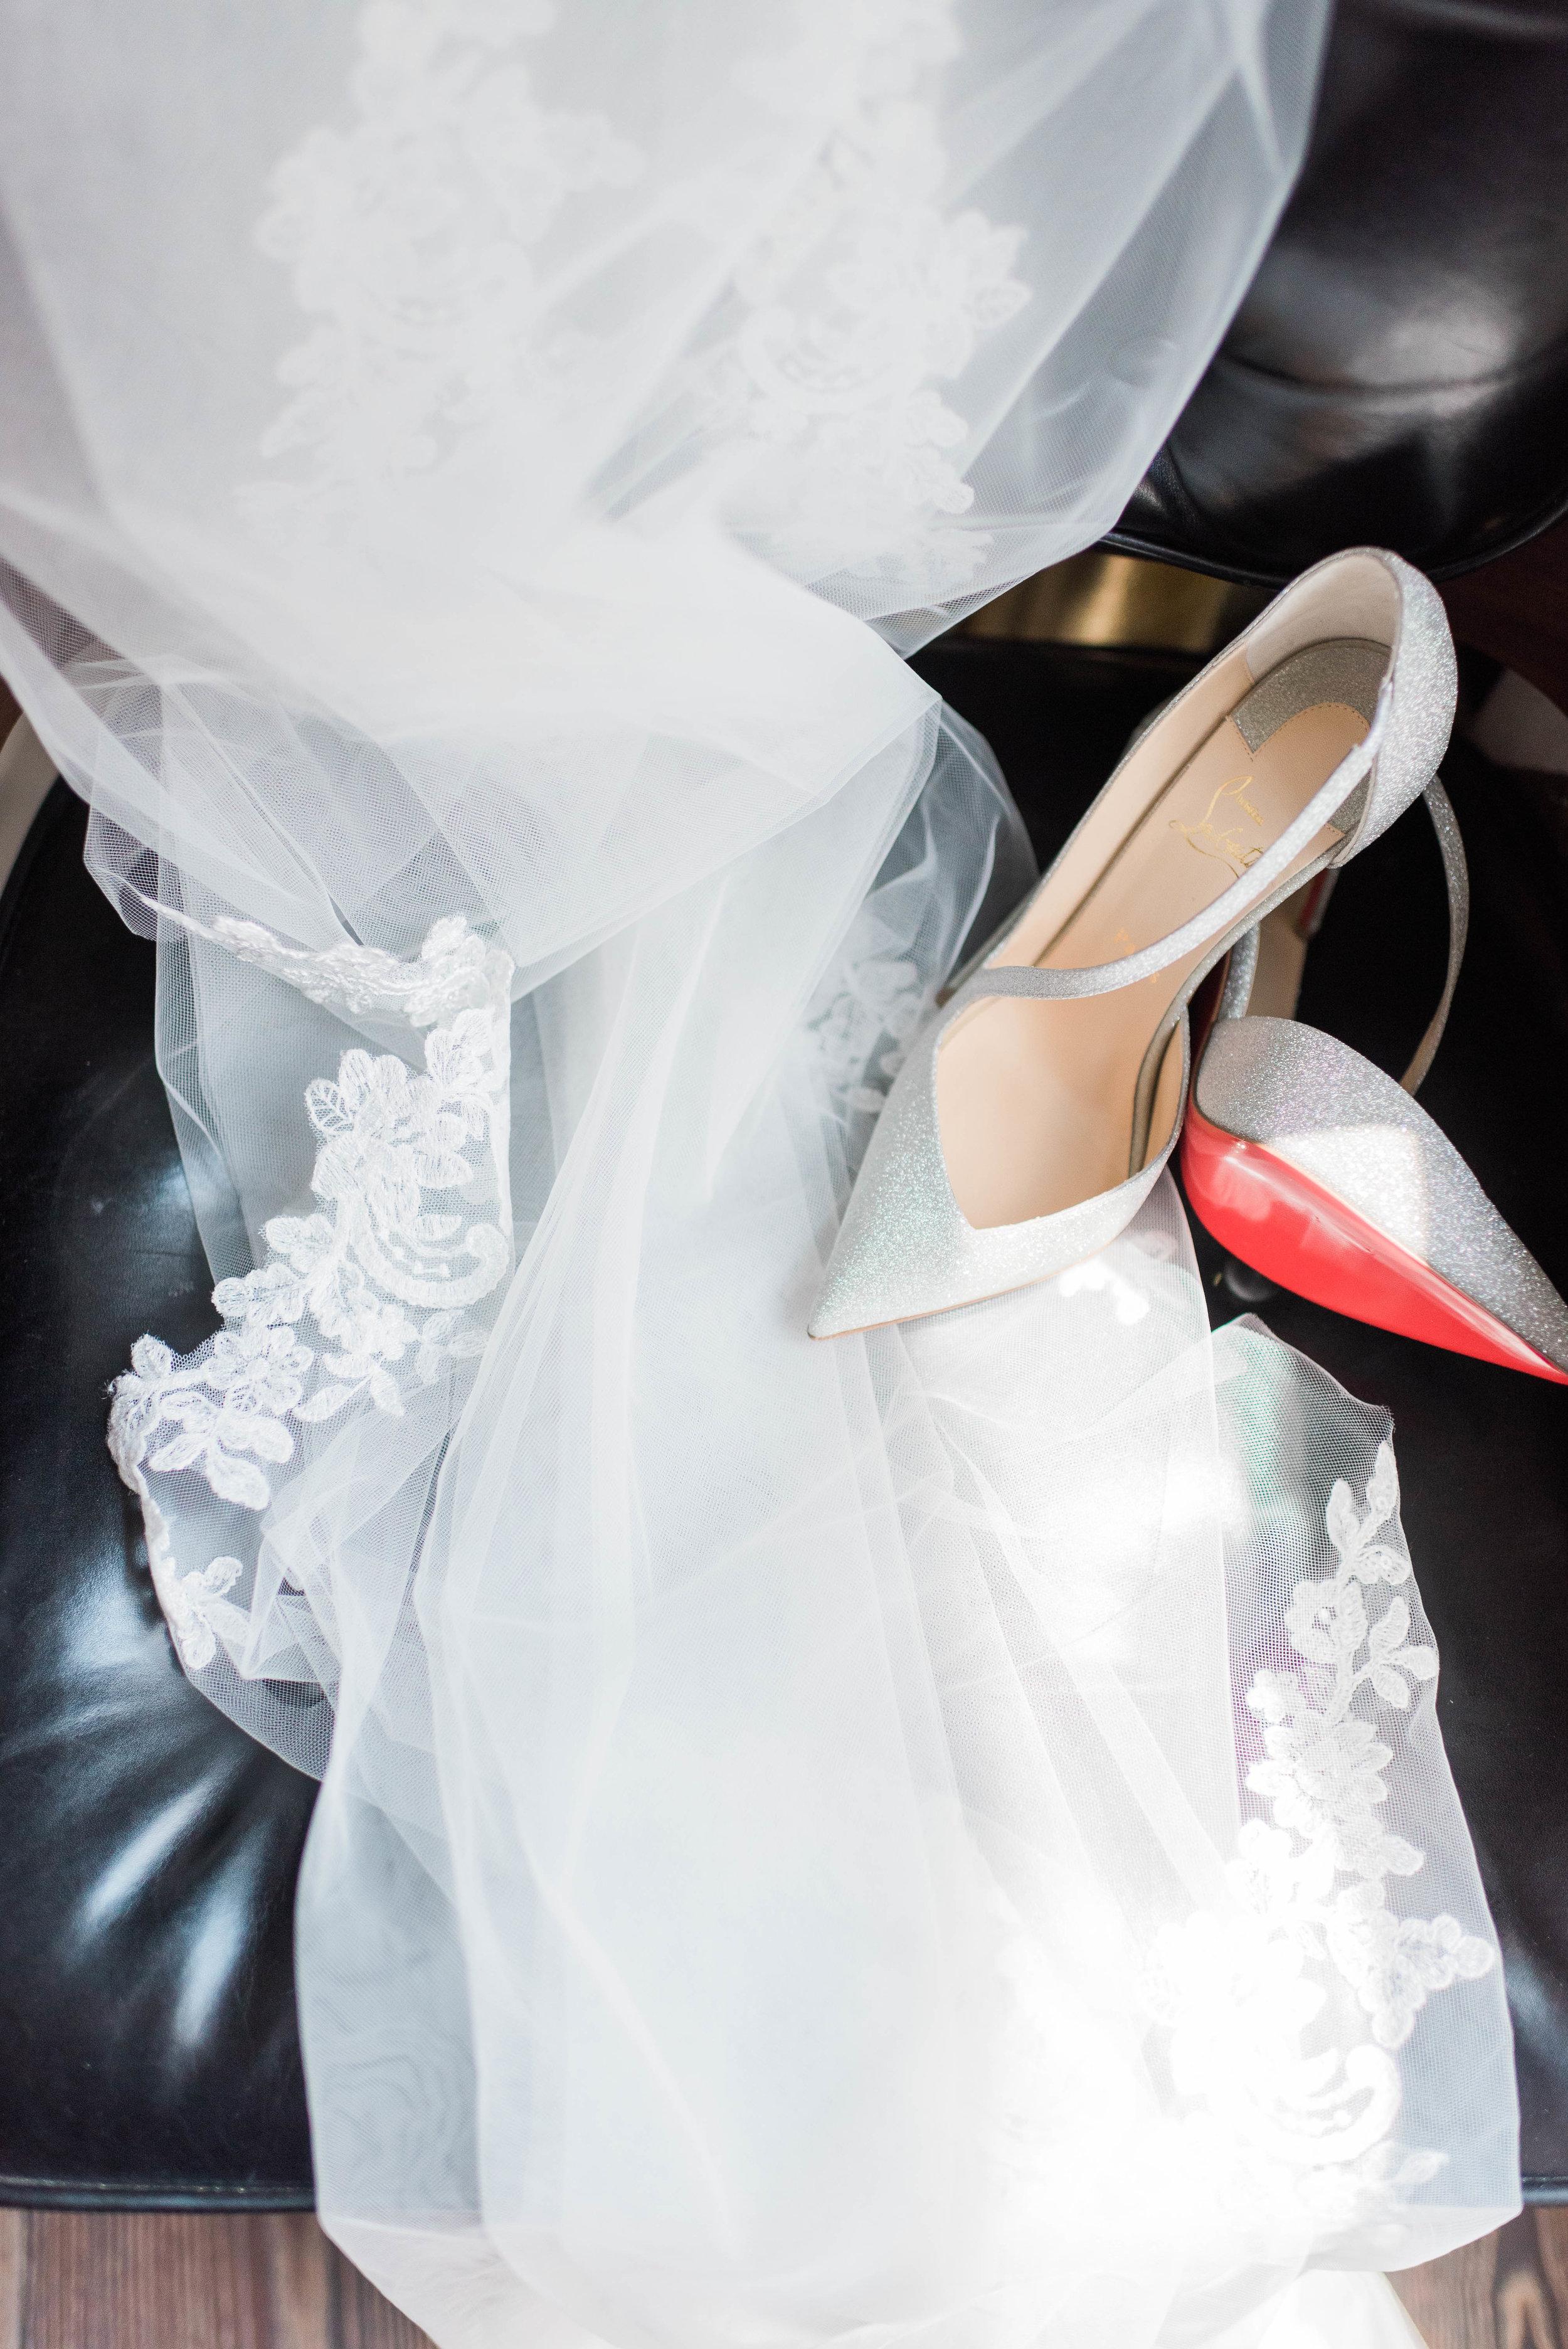 The Roxy Tribeca Wedding